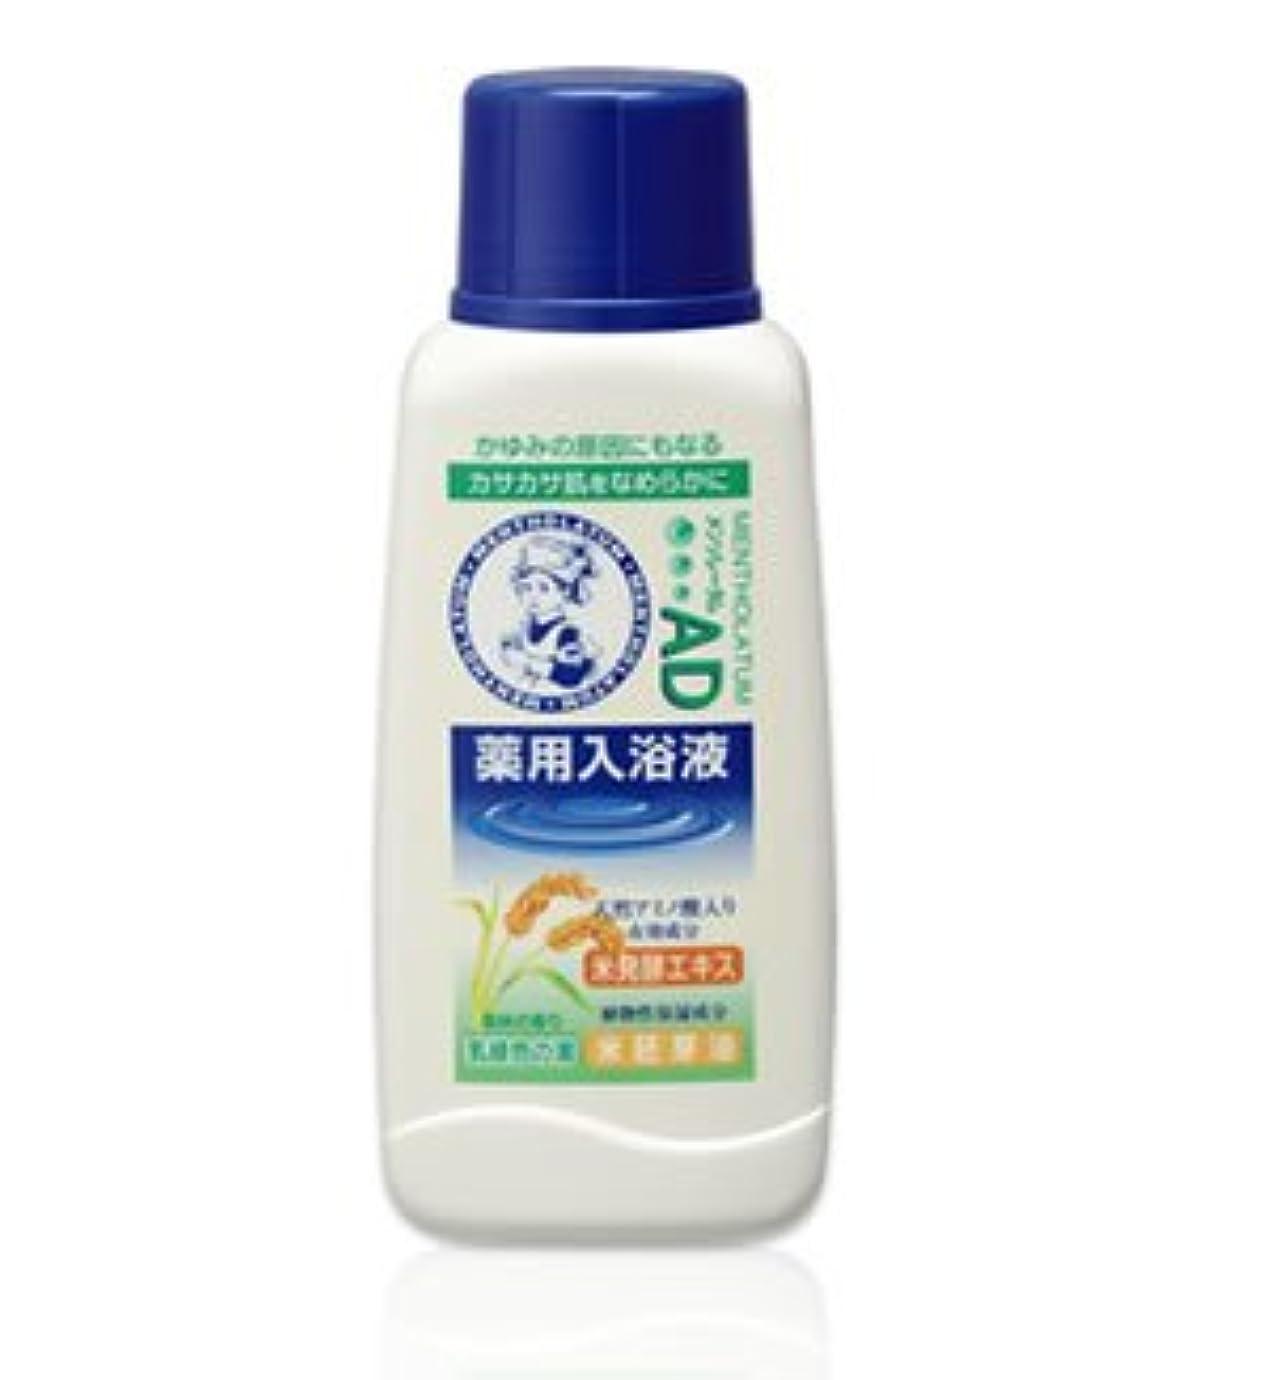 リフト再編成する学校の先生(ロート)メンソレータム AD薬用入浴剤 森林の香り720ml(医薬部外品)